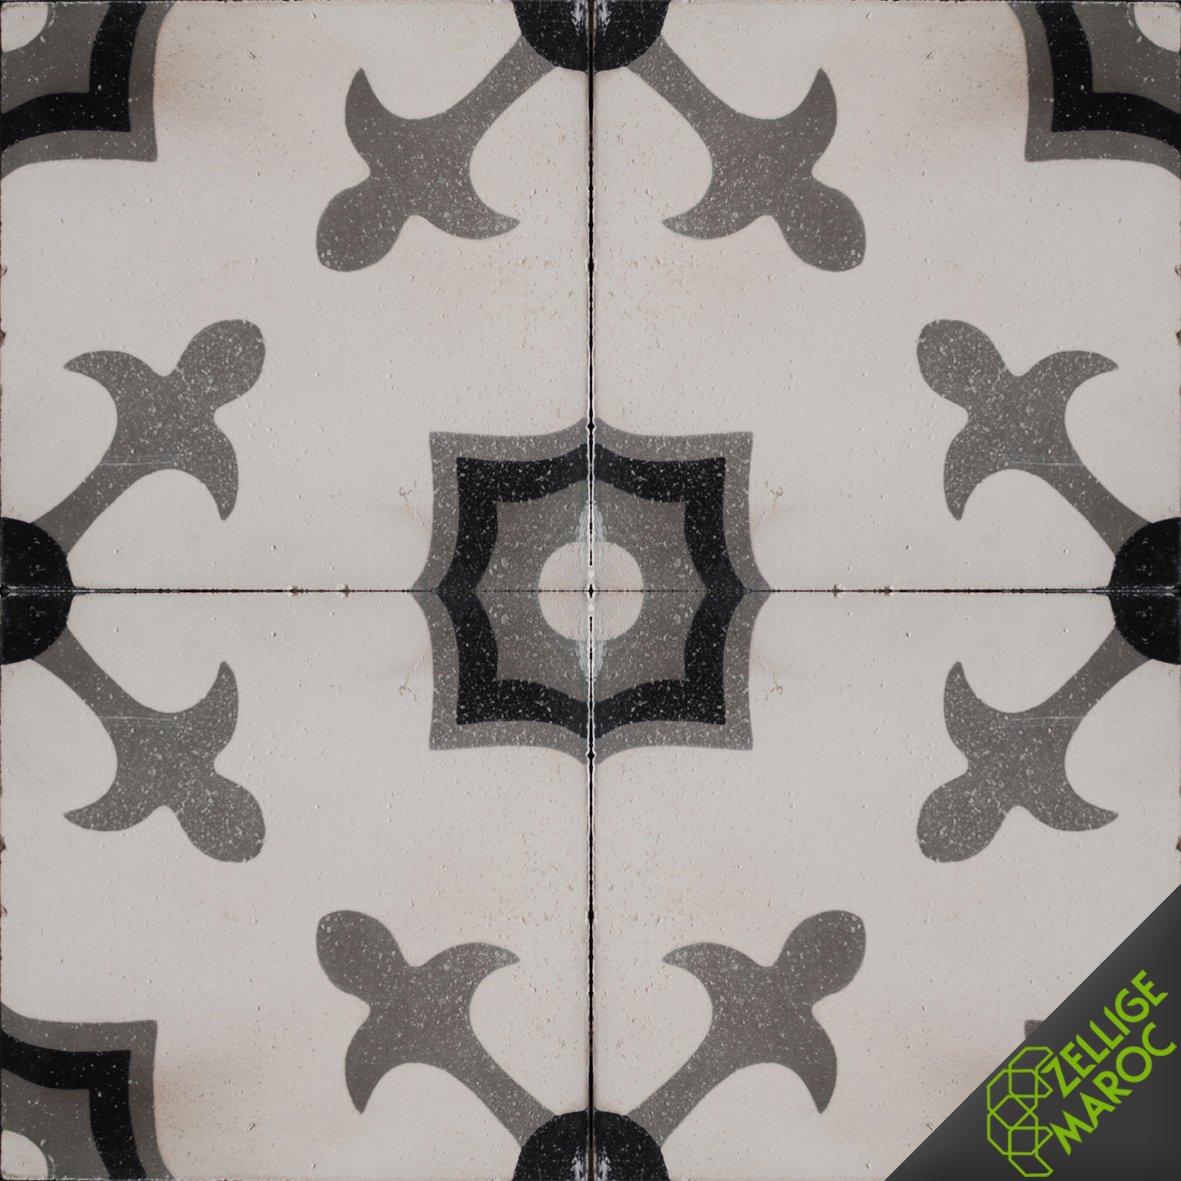 Carreaux ciment c52 zellige maroc - Carreaux ciment maroc ...